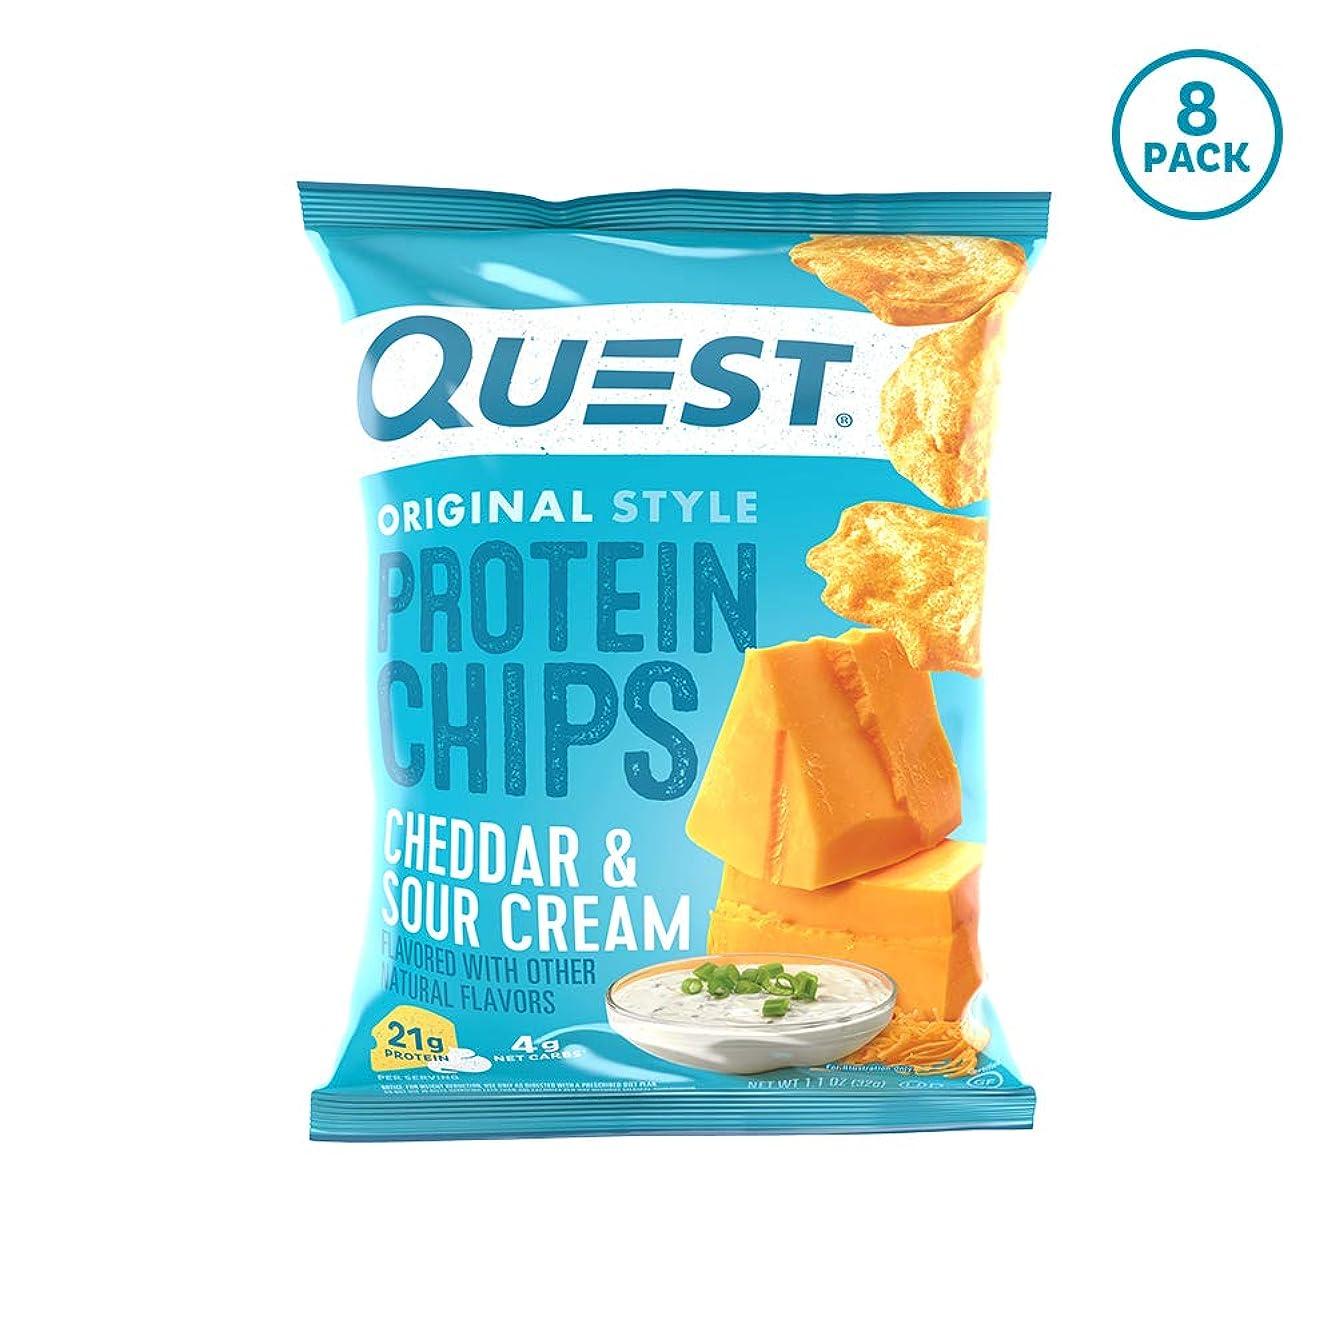 スタンド早熟ベッドプロテイン チップス チェダーサワークリーム フレイバー クエスト 8袋セット 並行輸入品 Quest Nutrition Protein Chips Cheddar & Sour Cream Pack of 8 海外直送品